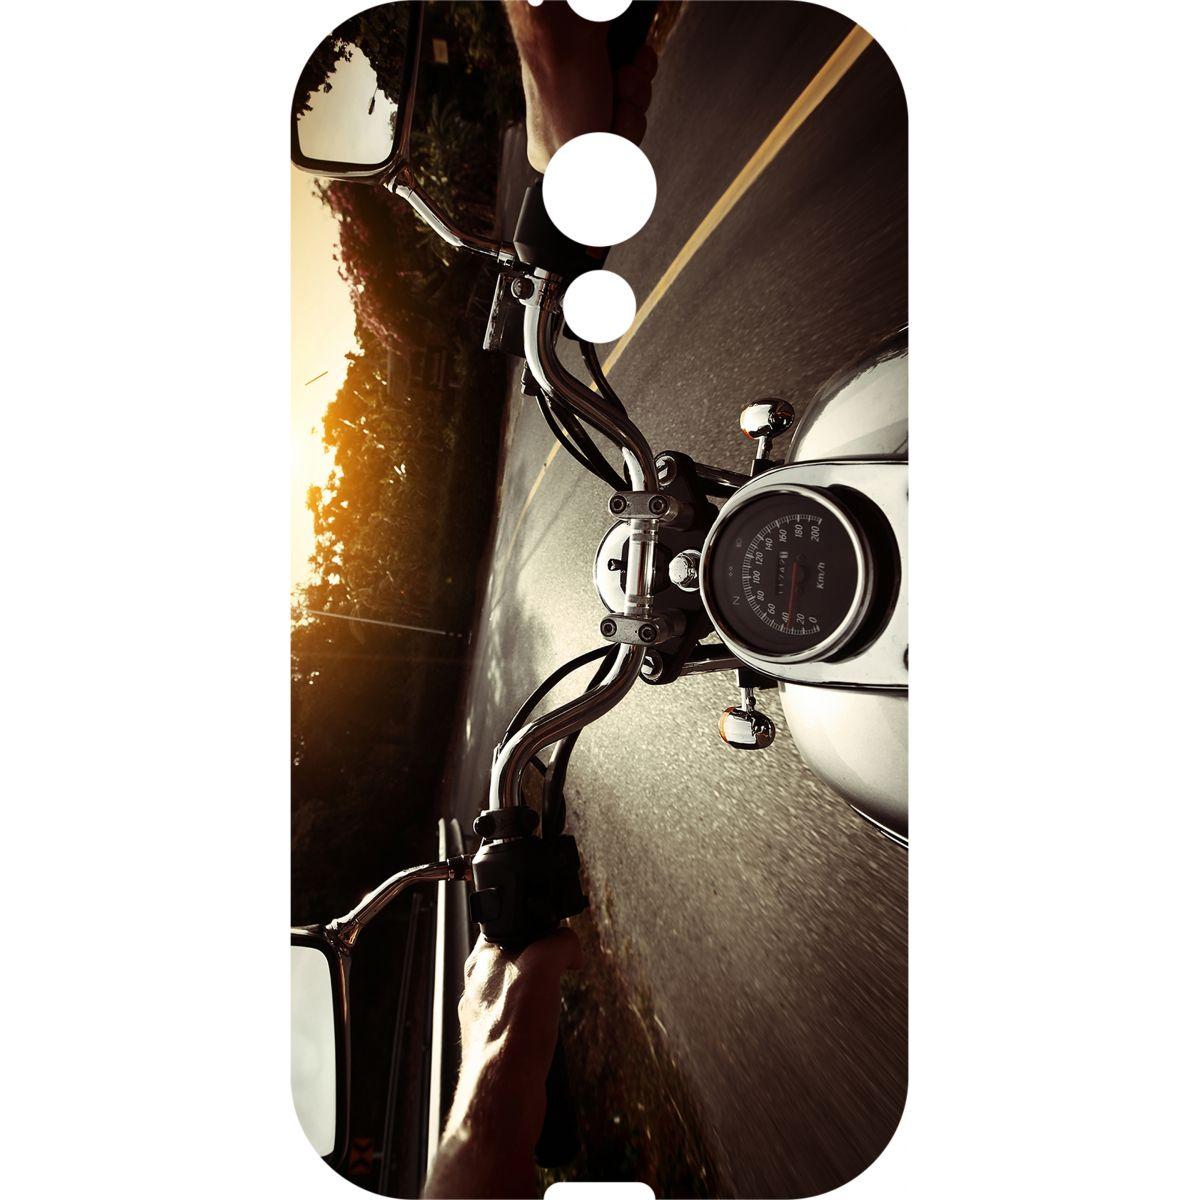 Capa Personalizada para Motorola Moto G2 Xt1069 Xt1068 - CR11